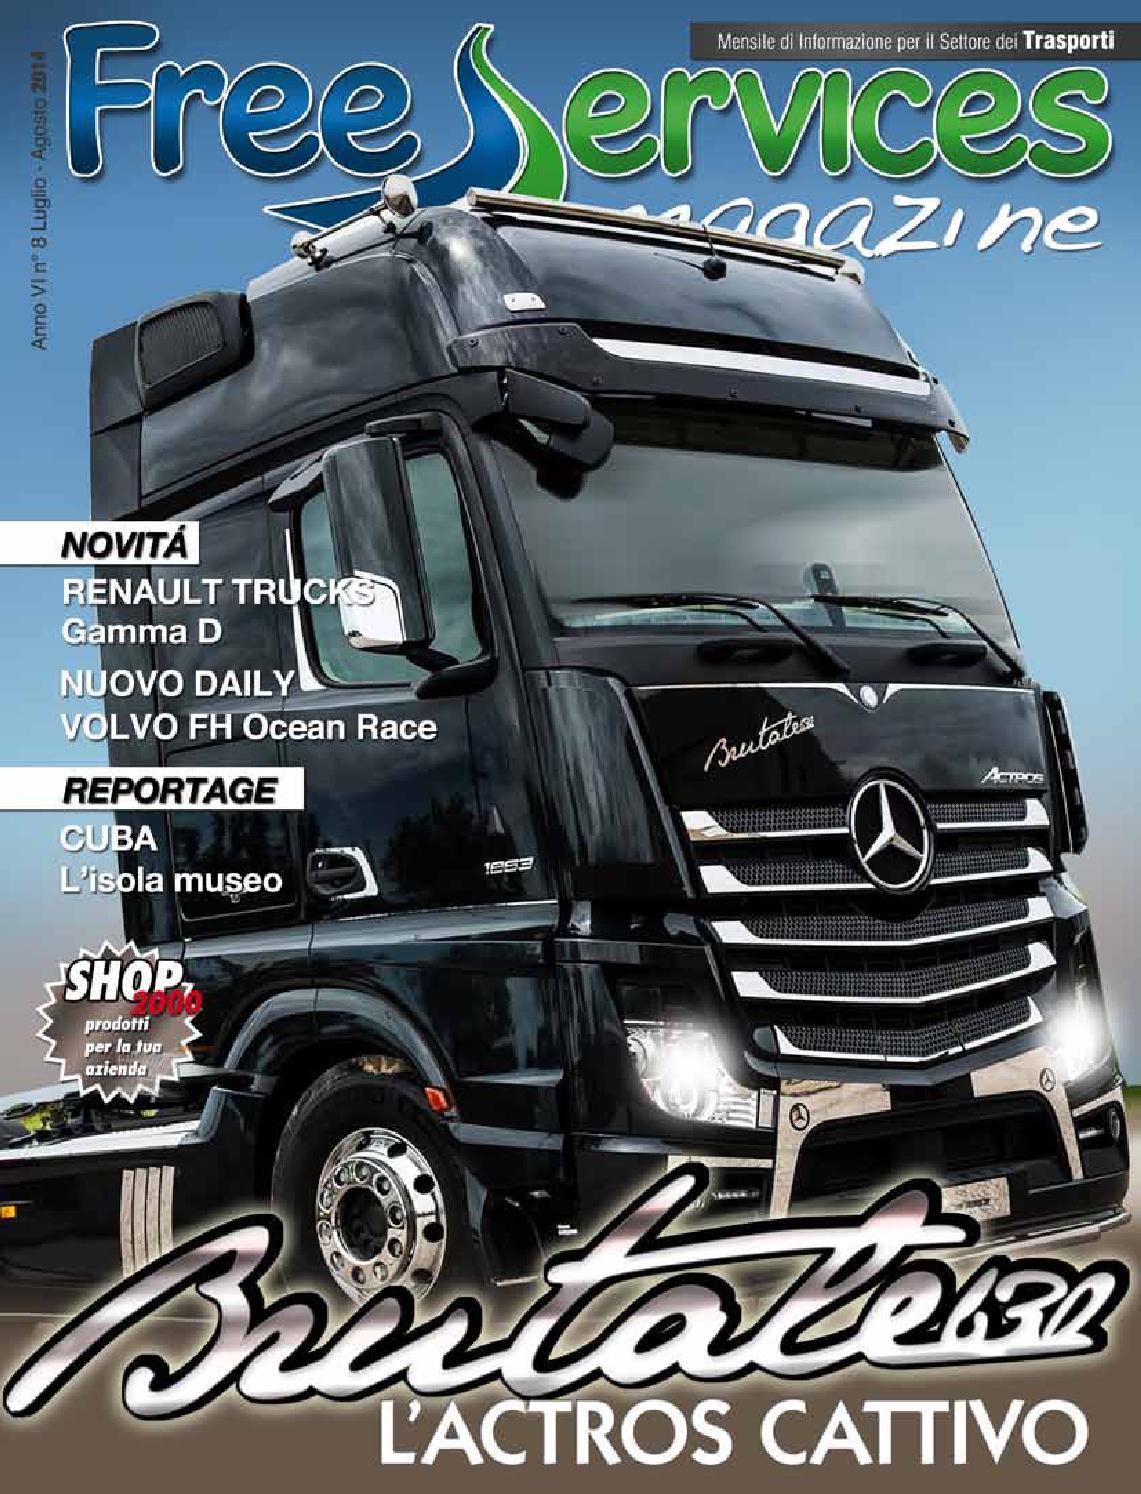 Siti di incontri di Trucking gratuiti